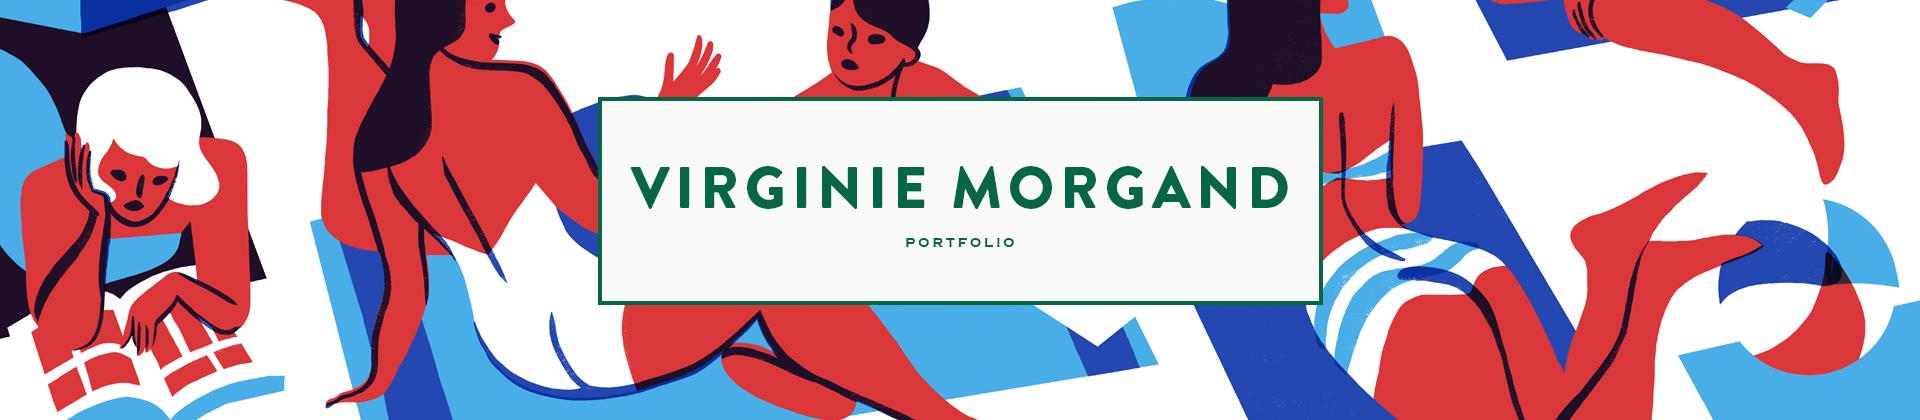 Virginie Morgand